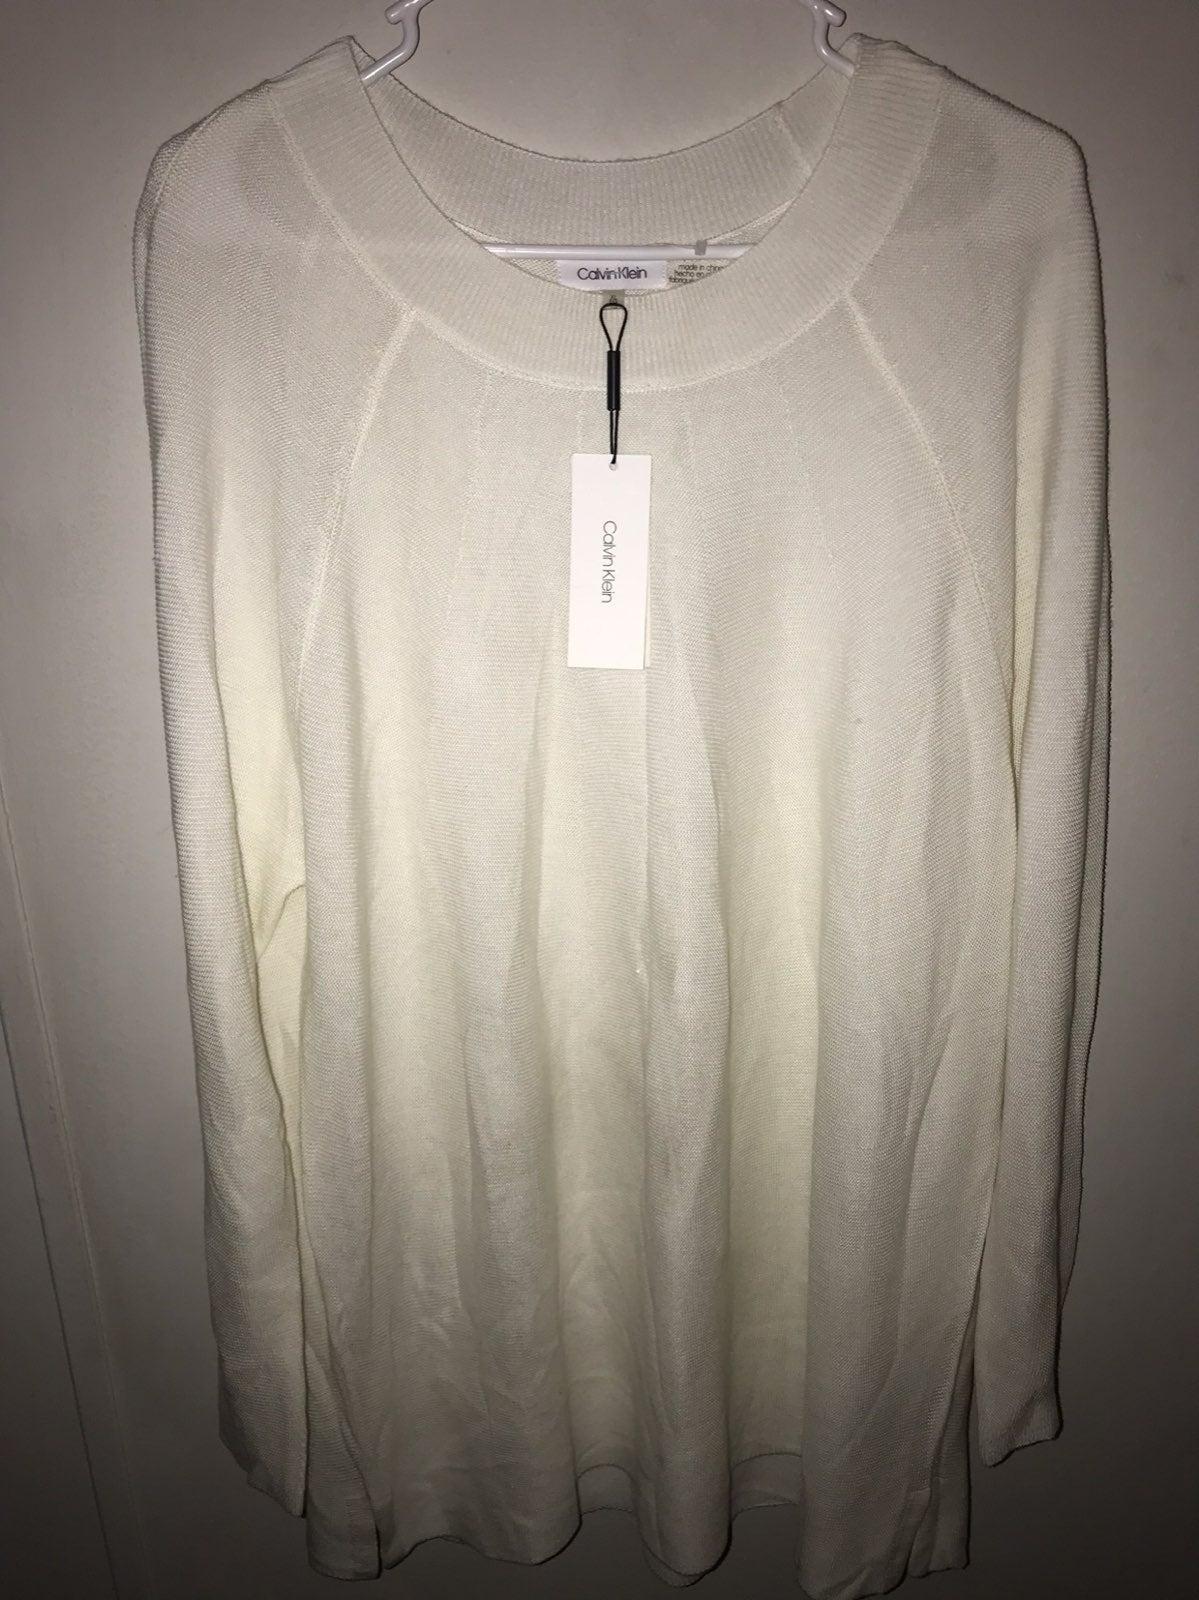 Calvin Klein thin sweatshirt